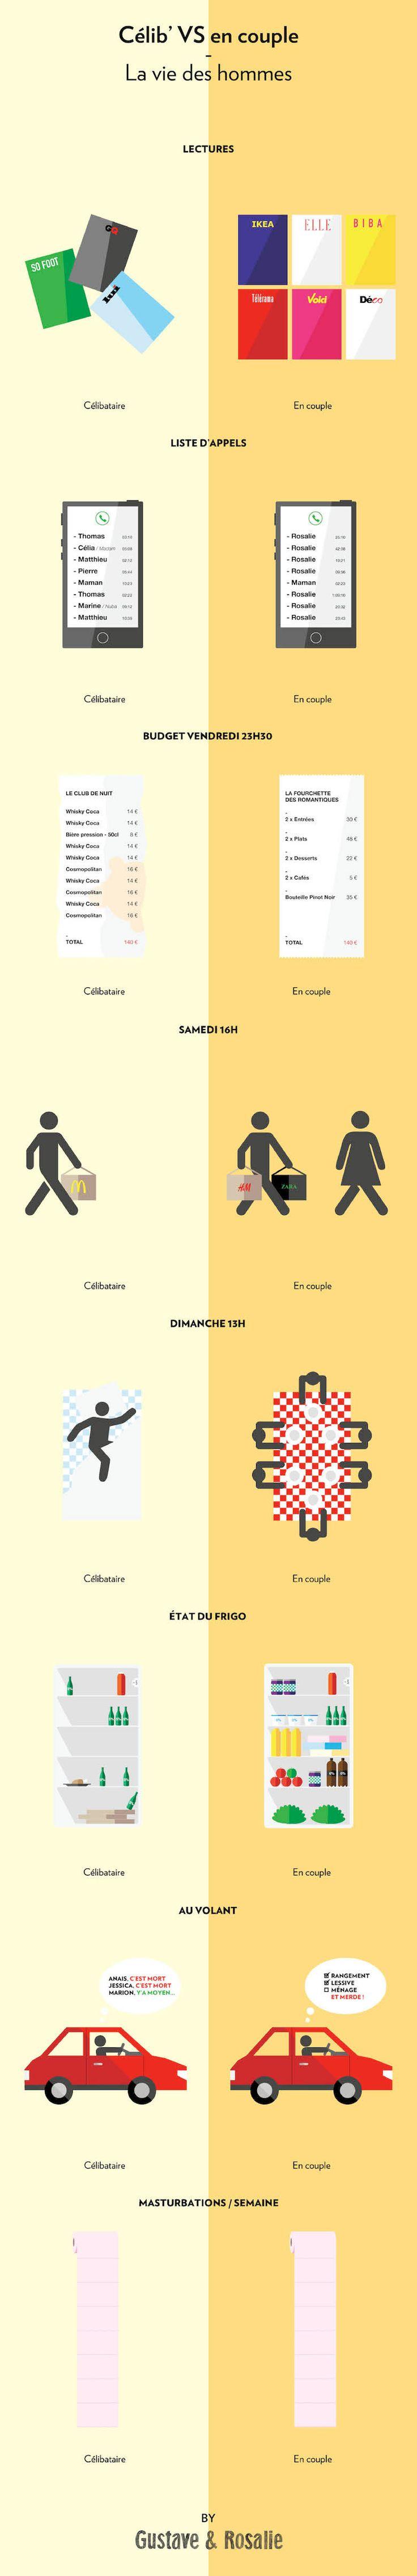 Les hommes et les femmes ne voient pas le monde de la même façon ! Ces infographies amusantes vont vous le prouver | Daily Geek Show